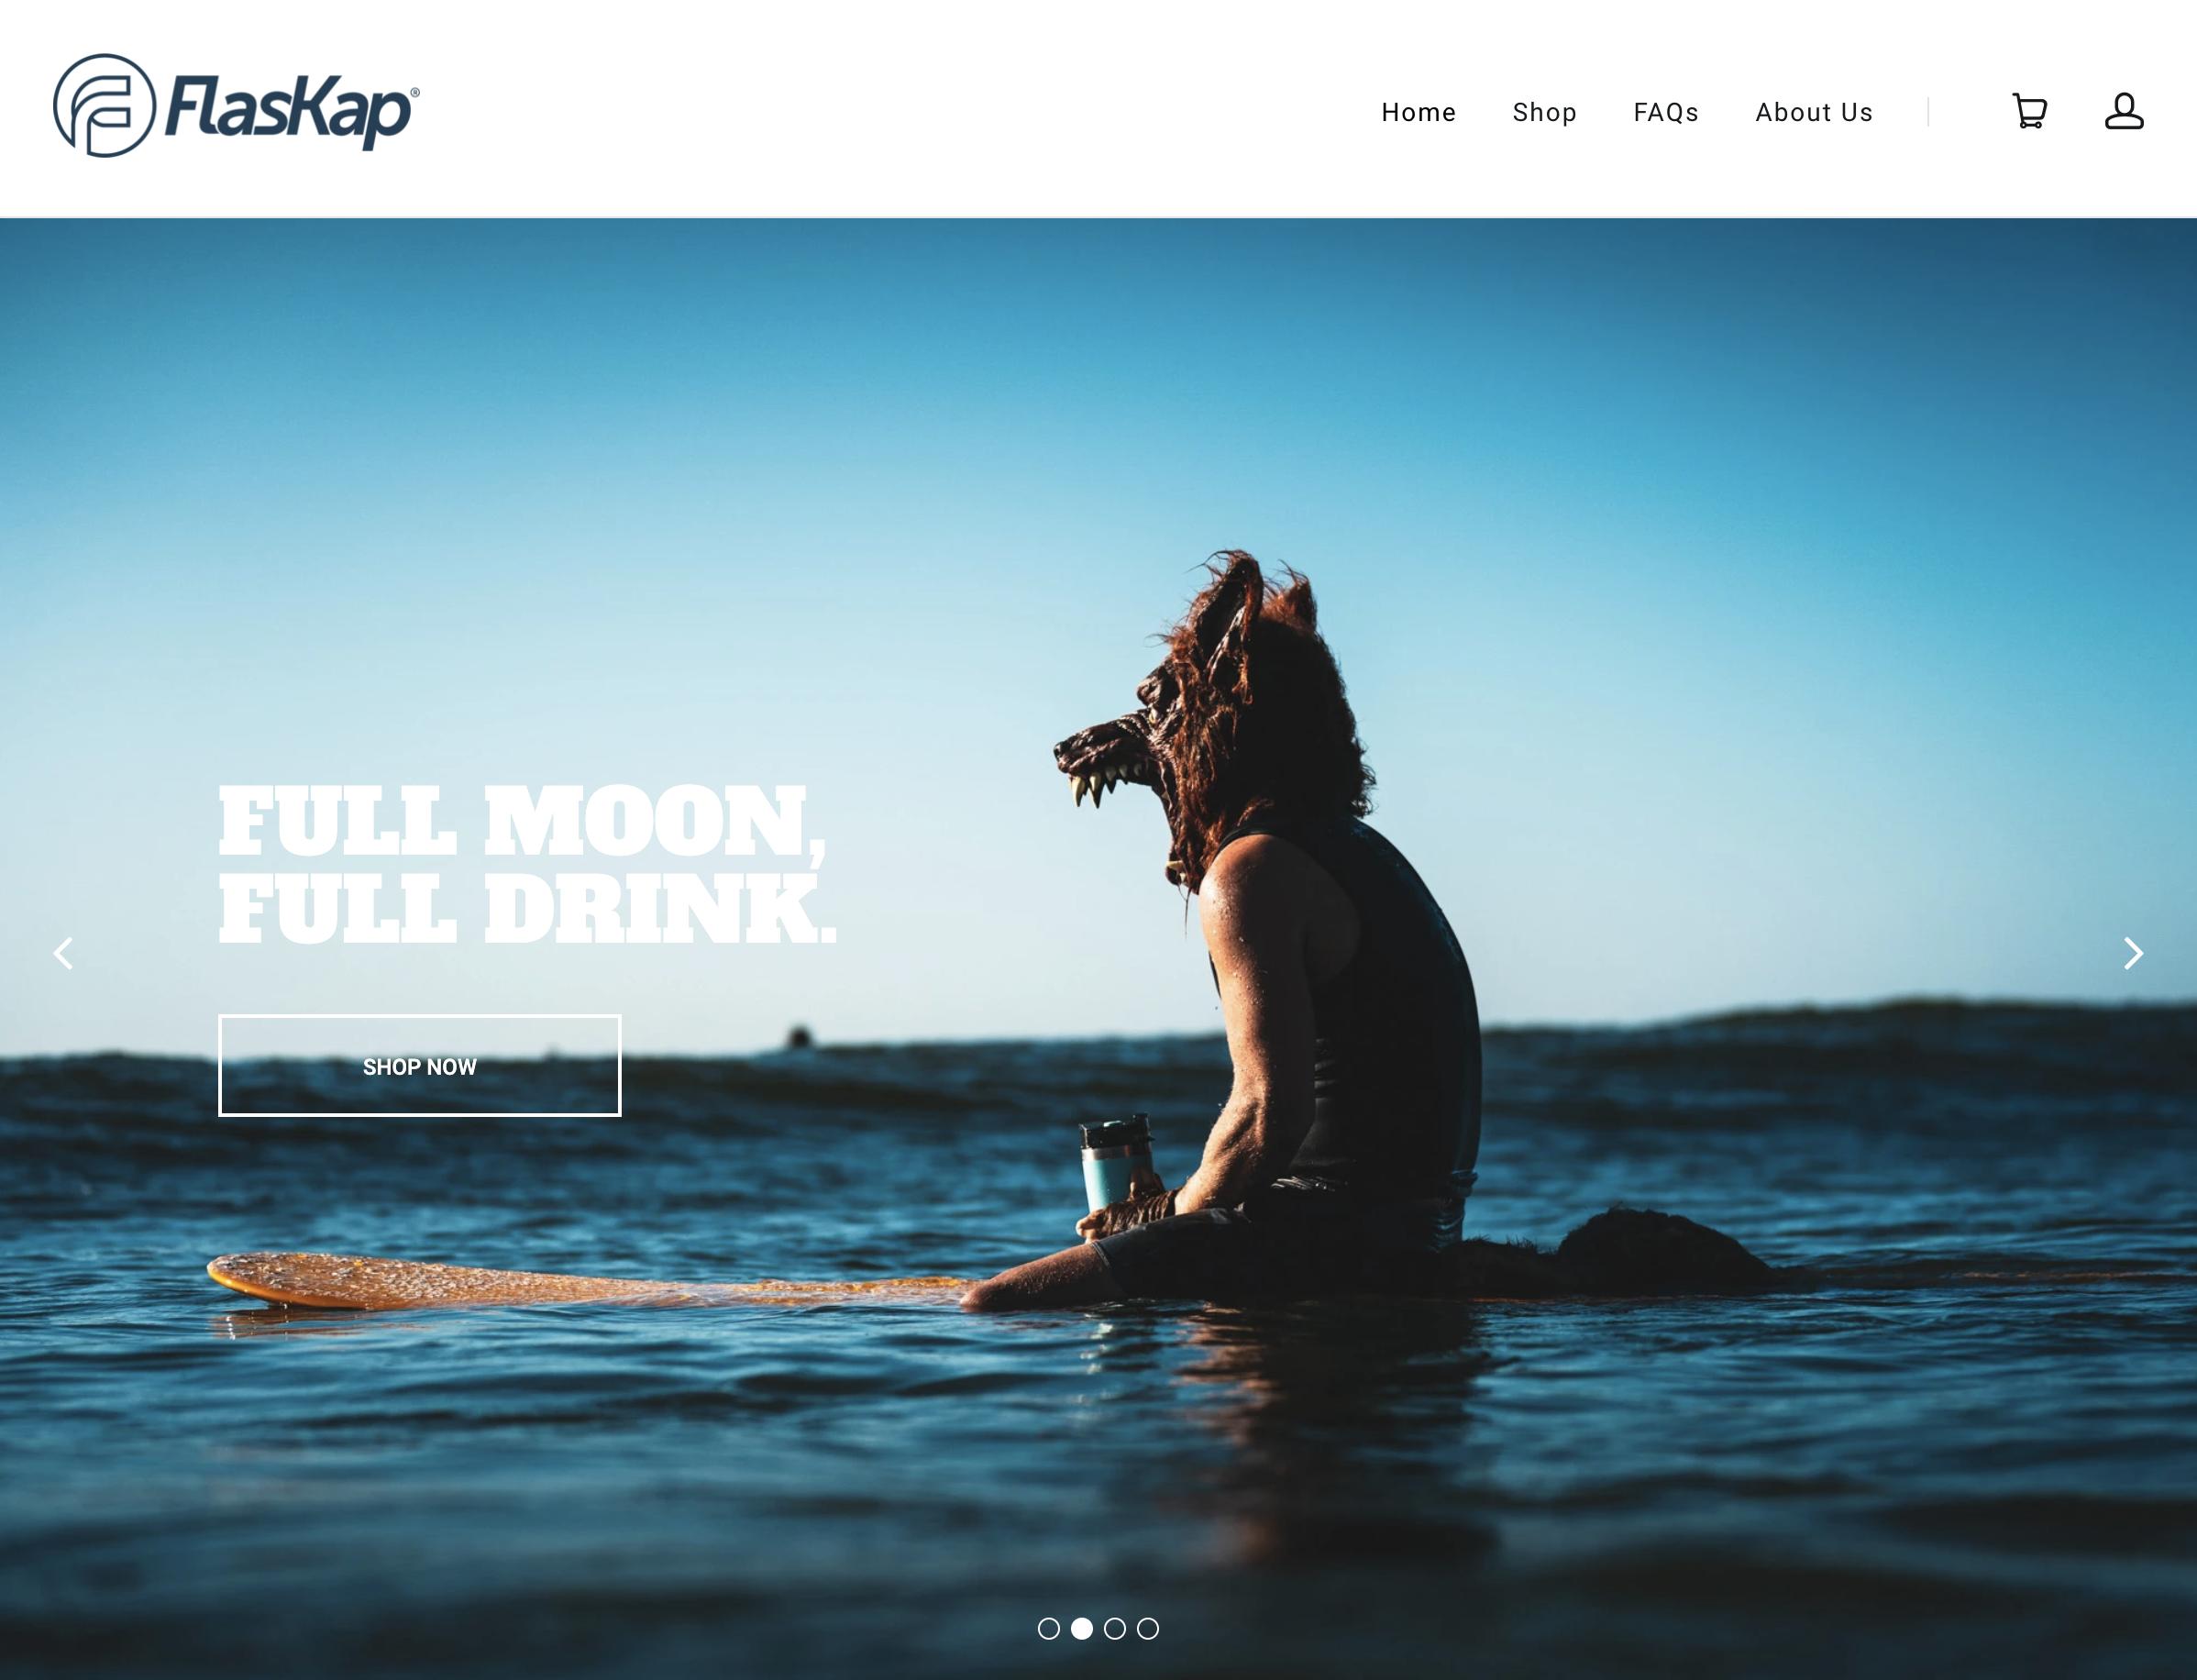 FlasKap Shopify Site